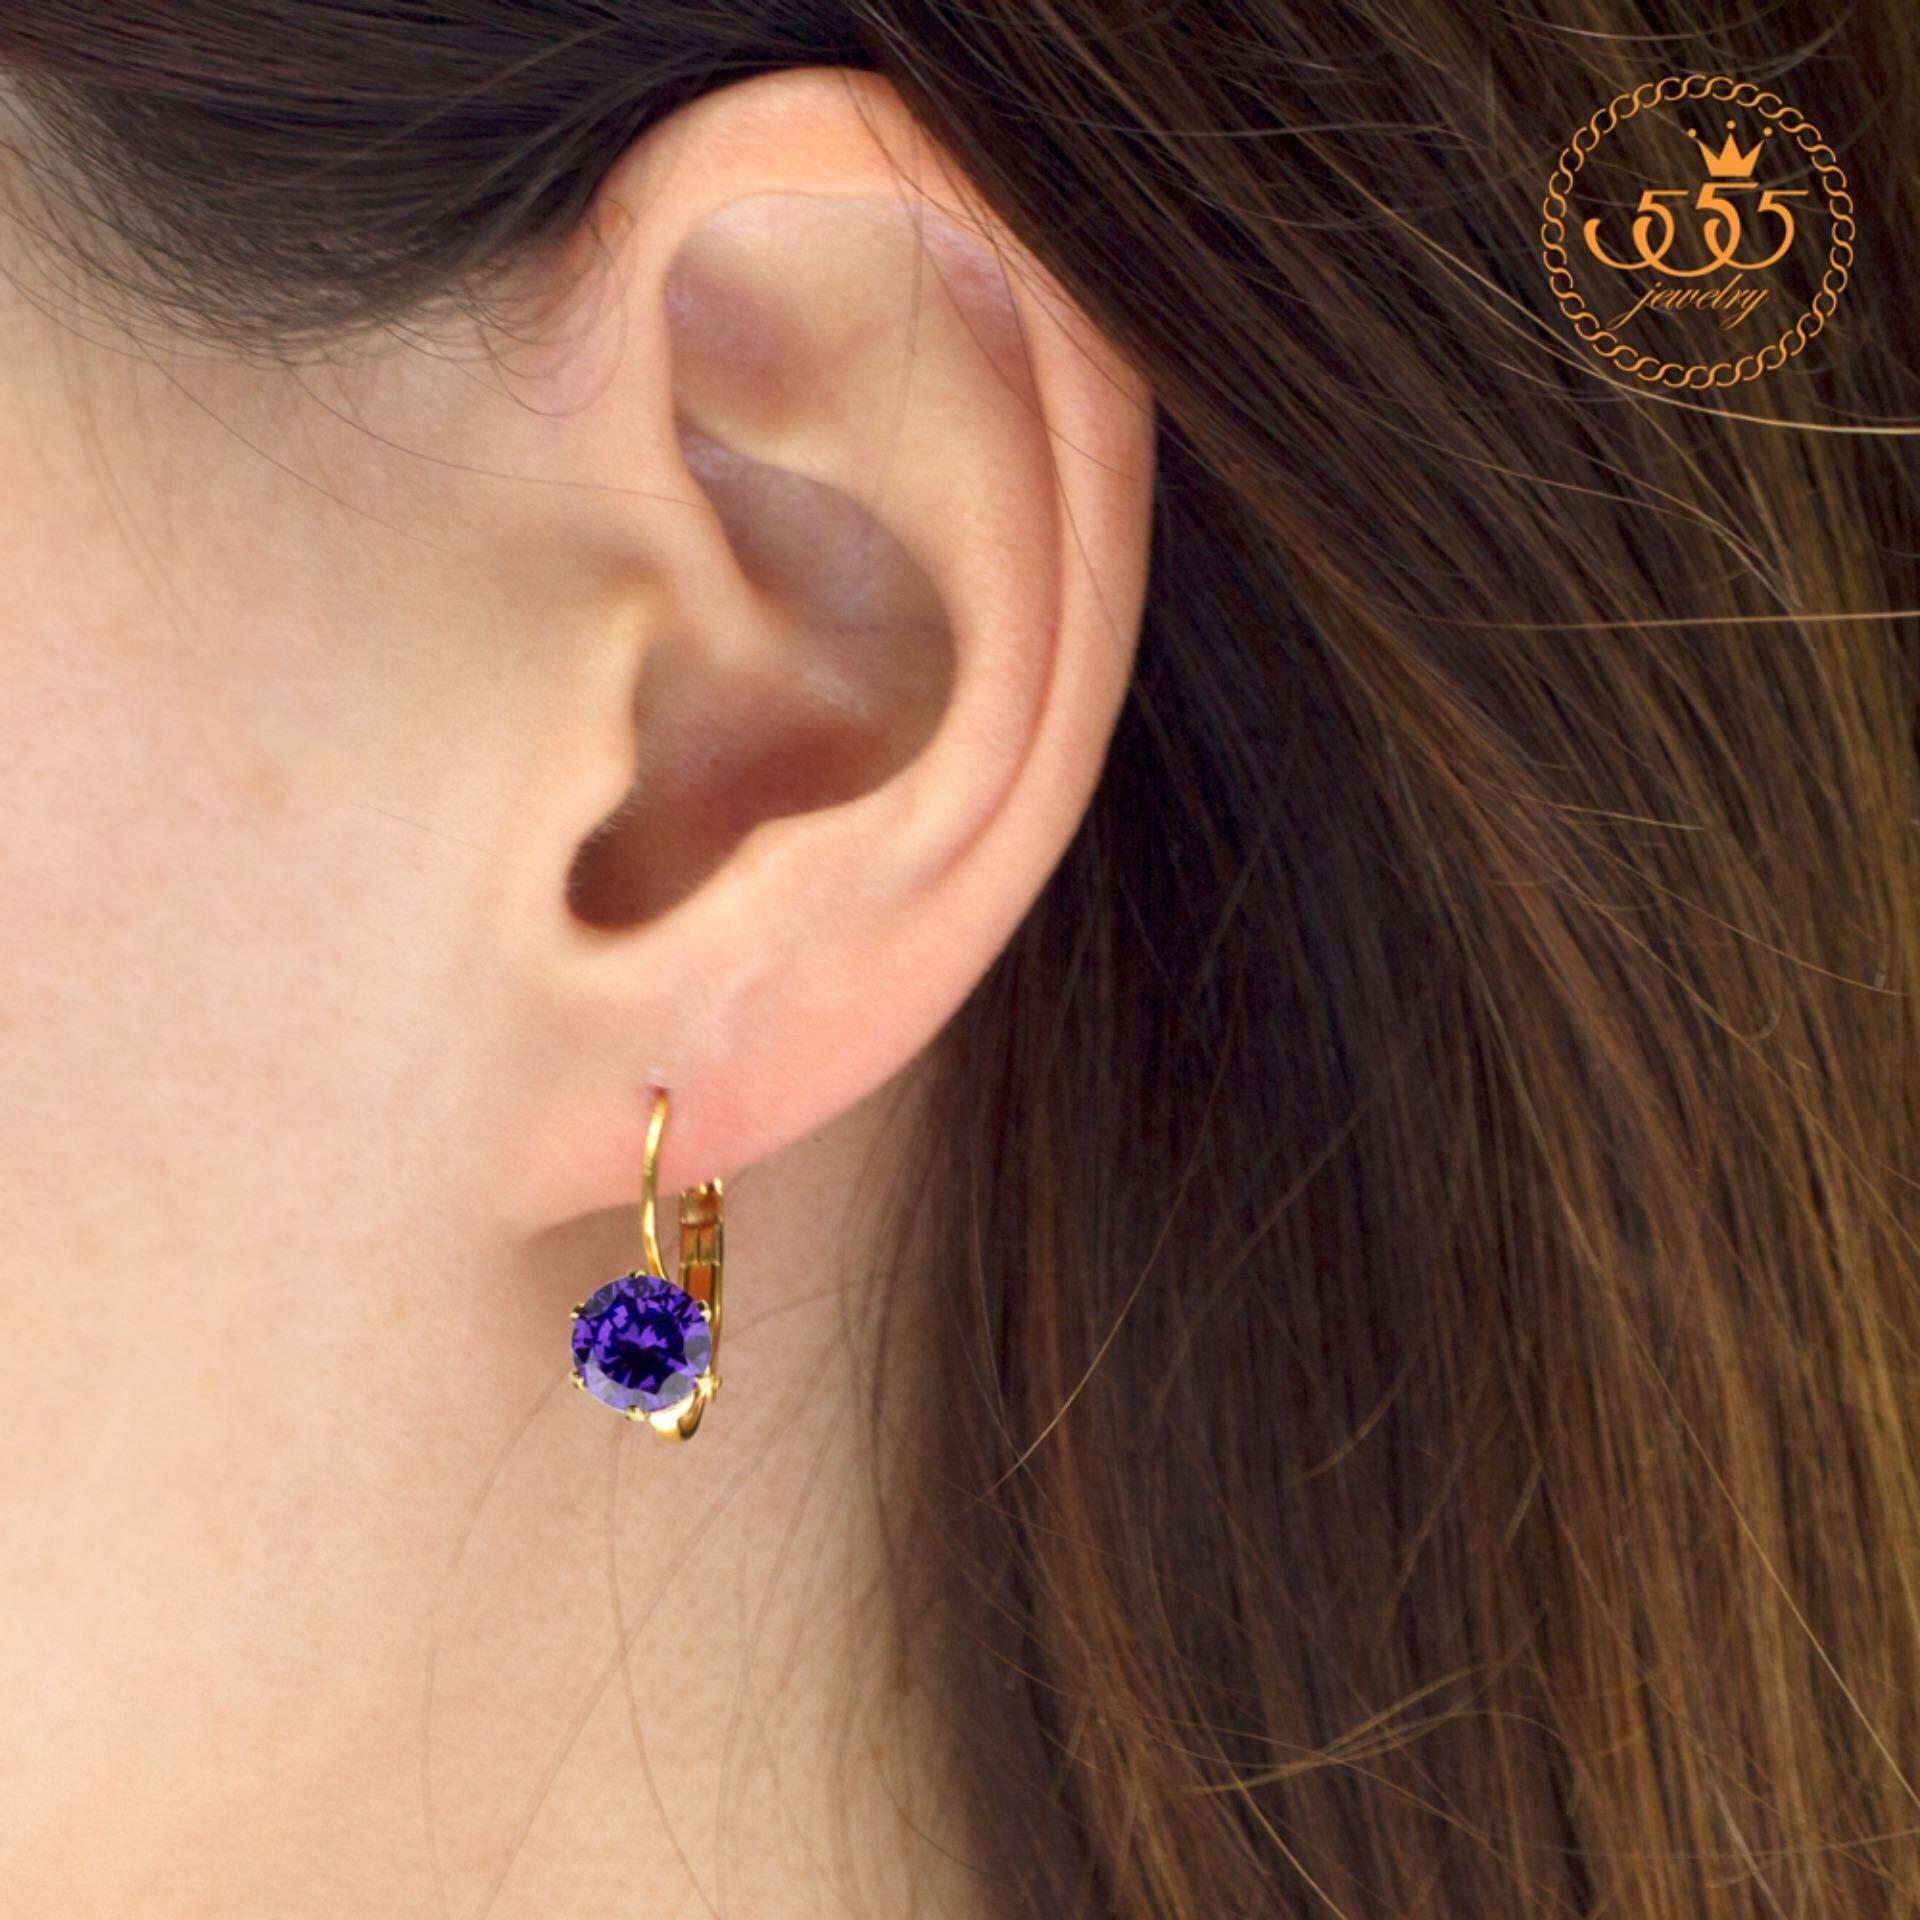 555jewelry เครื่องประดับ ผู้หญิง ต่างหูห้อย สแตนเลสสตีล -  สีทอง ประดับเพชร CZ รุ่น MNC-ER592 ต่างหู ต่างหูแฟชั่น ต่างหูห้อย ต่างหูทอง ต่างหูเงิน ต่างหูผู้หญิง